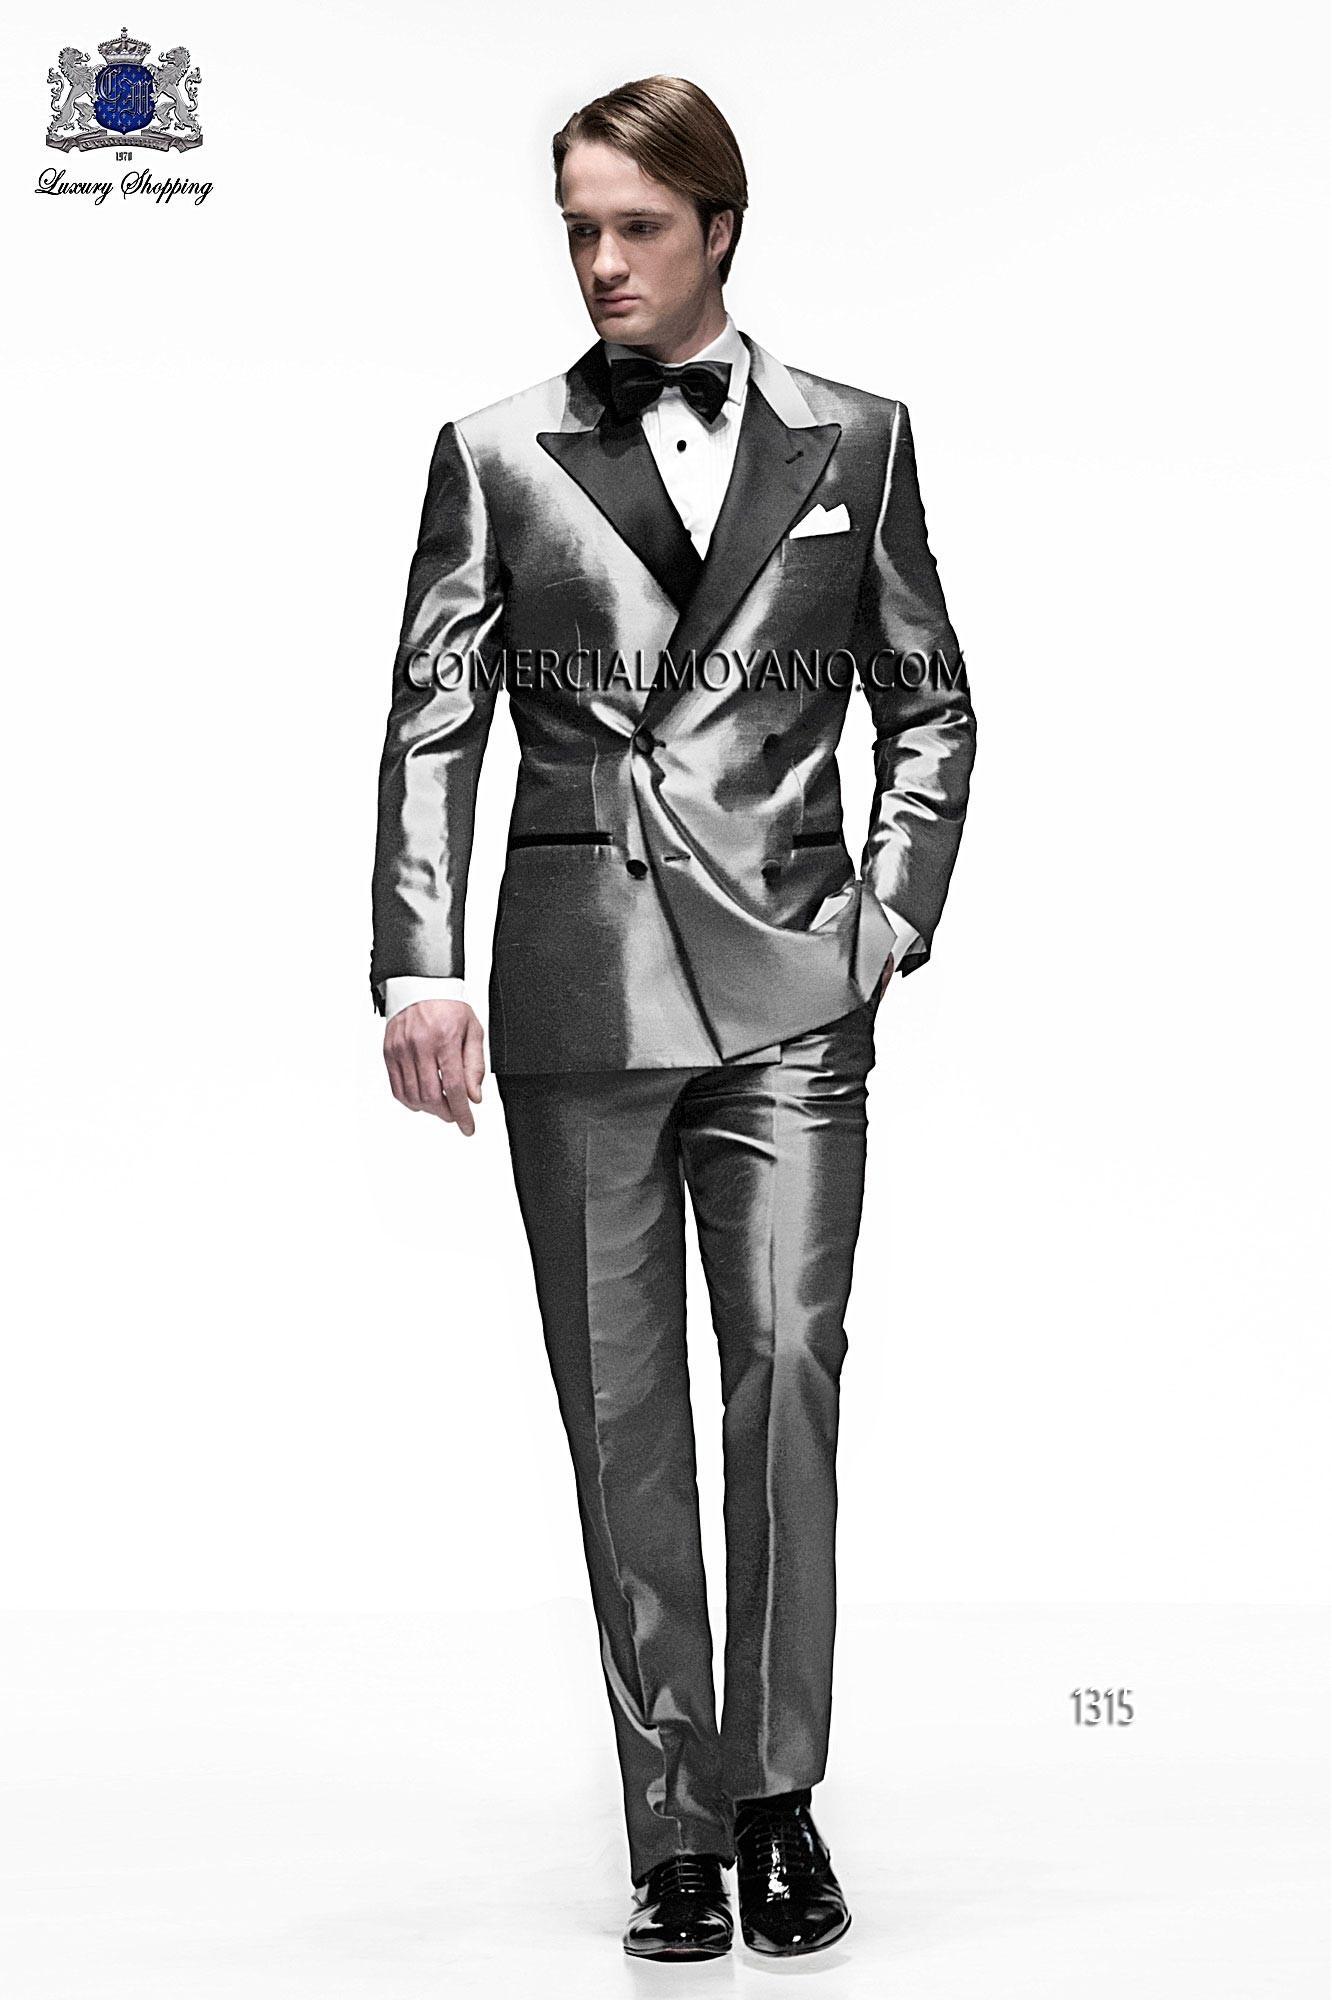 Black Tie Light gray men wedding suit model 1315 Ottavio Nuccio Gala